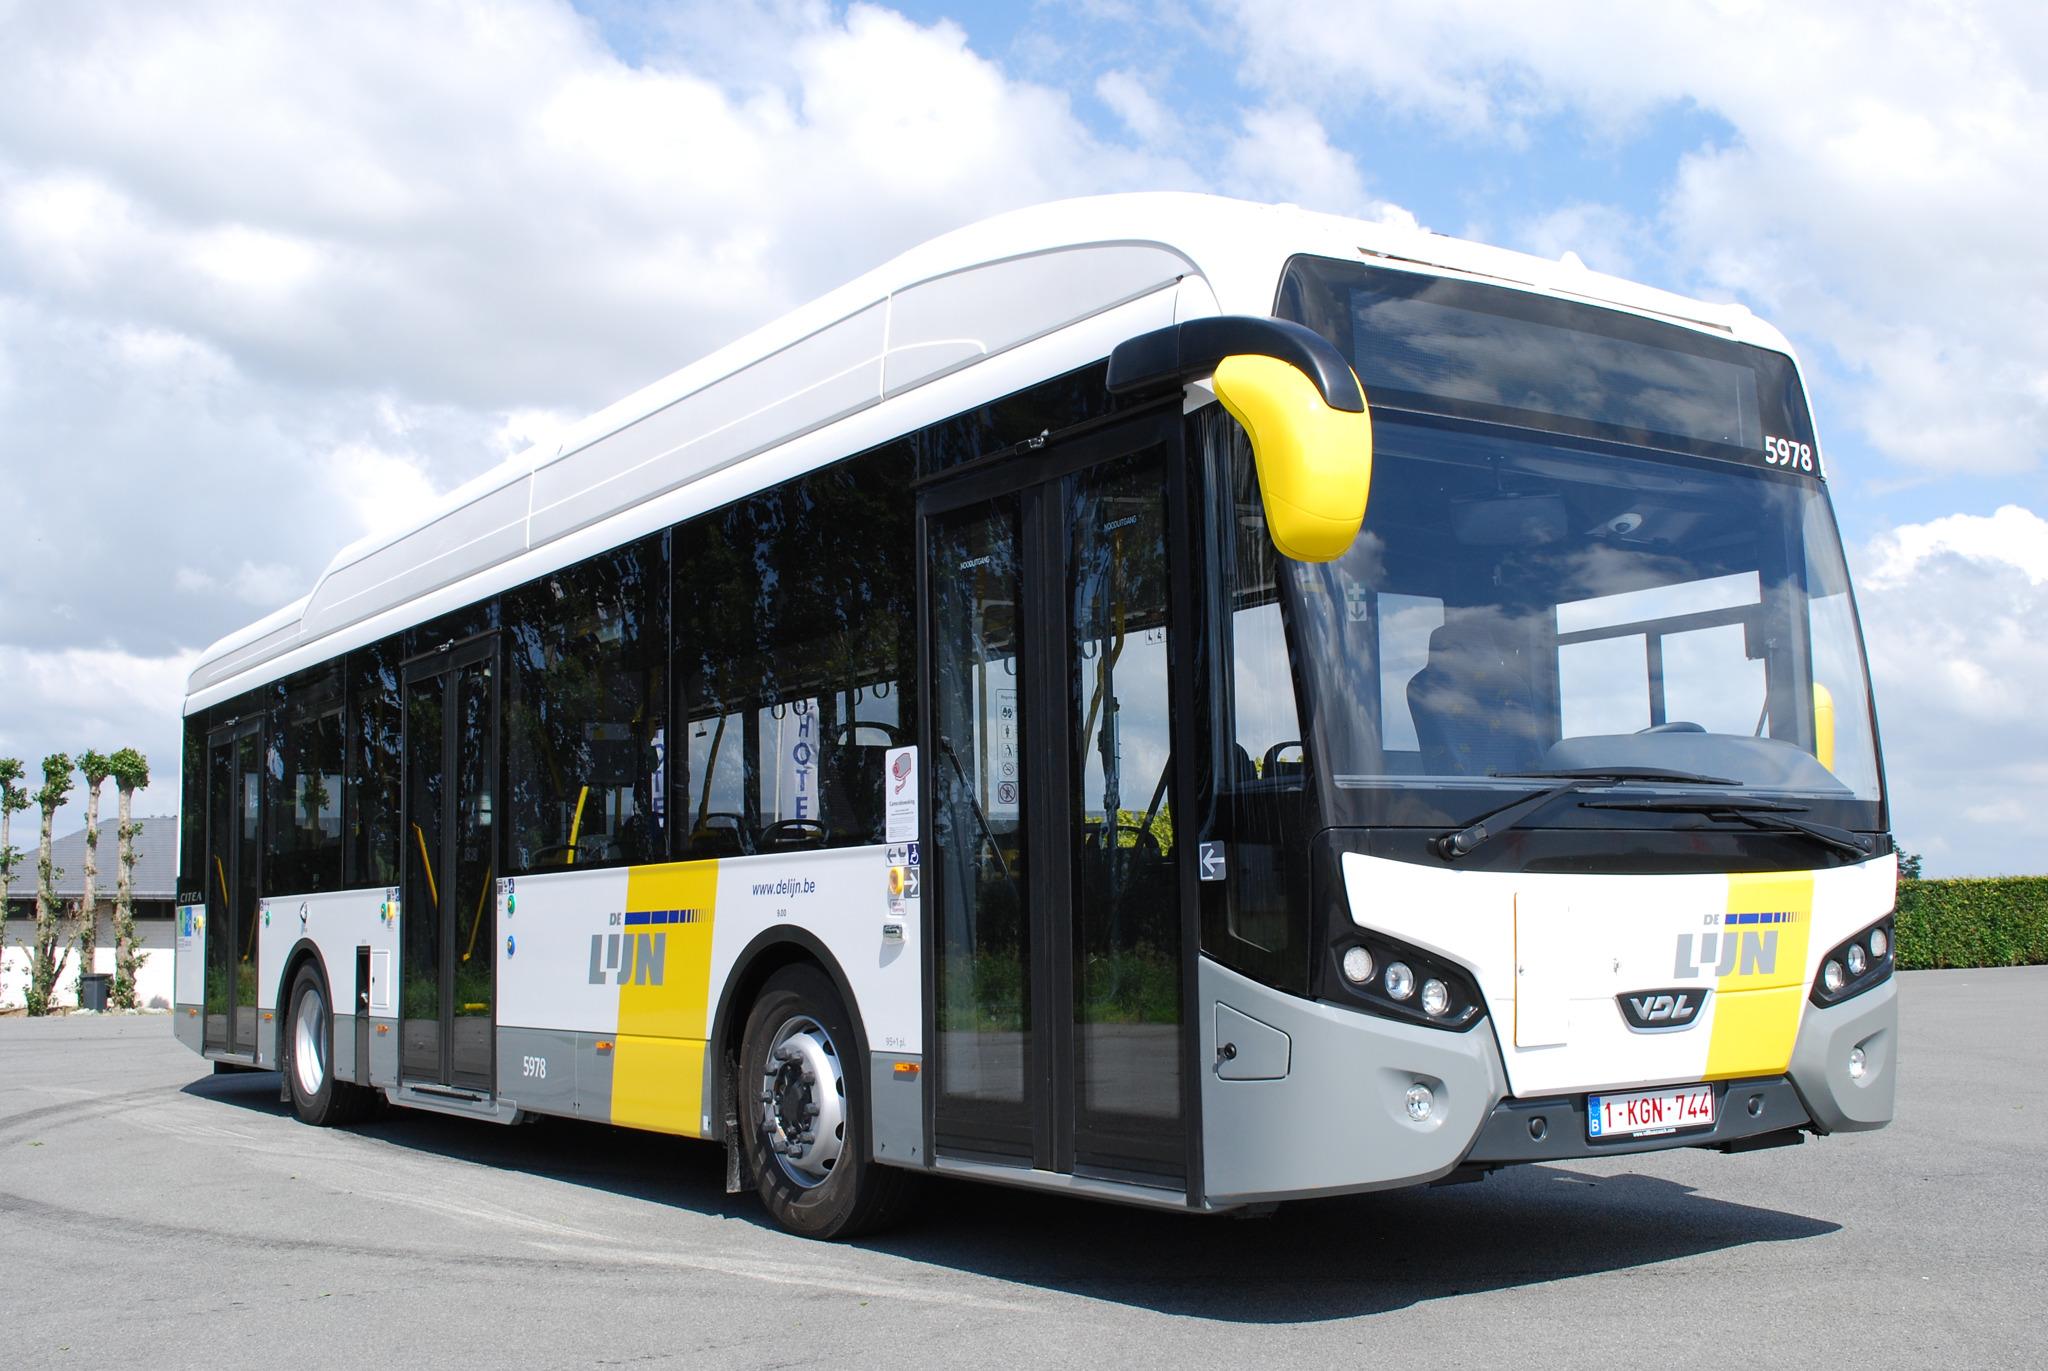 اتوبوس برقی در سوئیس